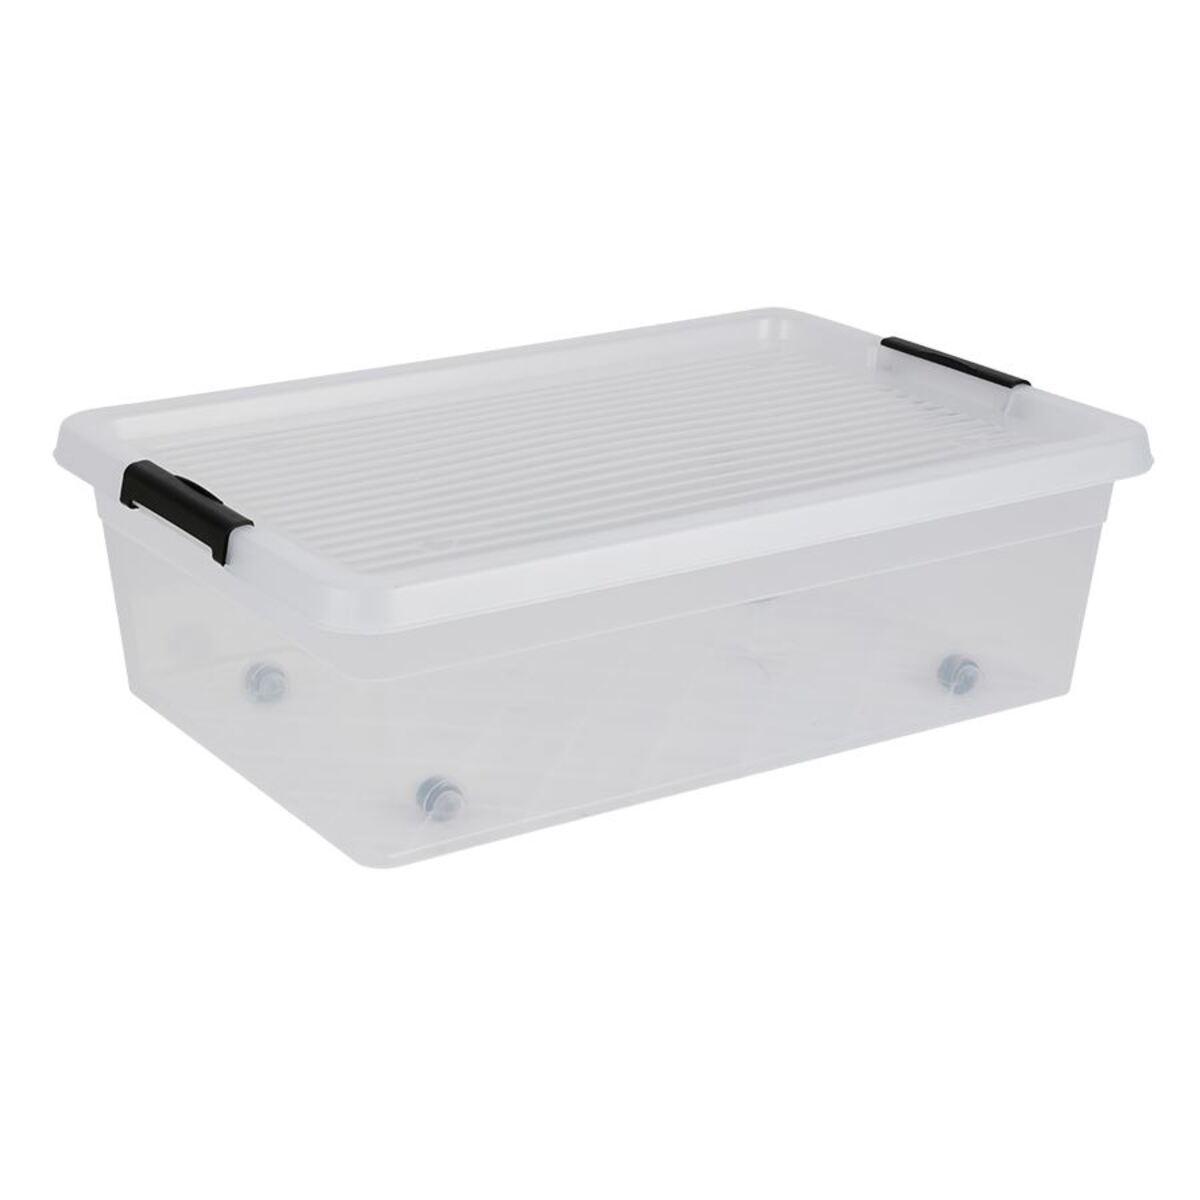 Bild 1 von Box-One Unterbettbox mit Rollen